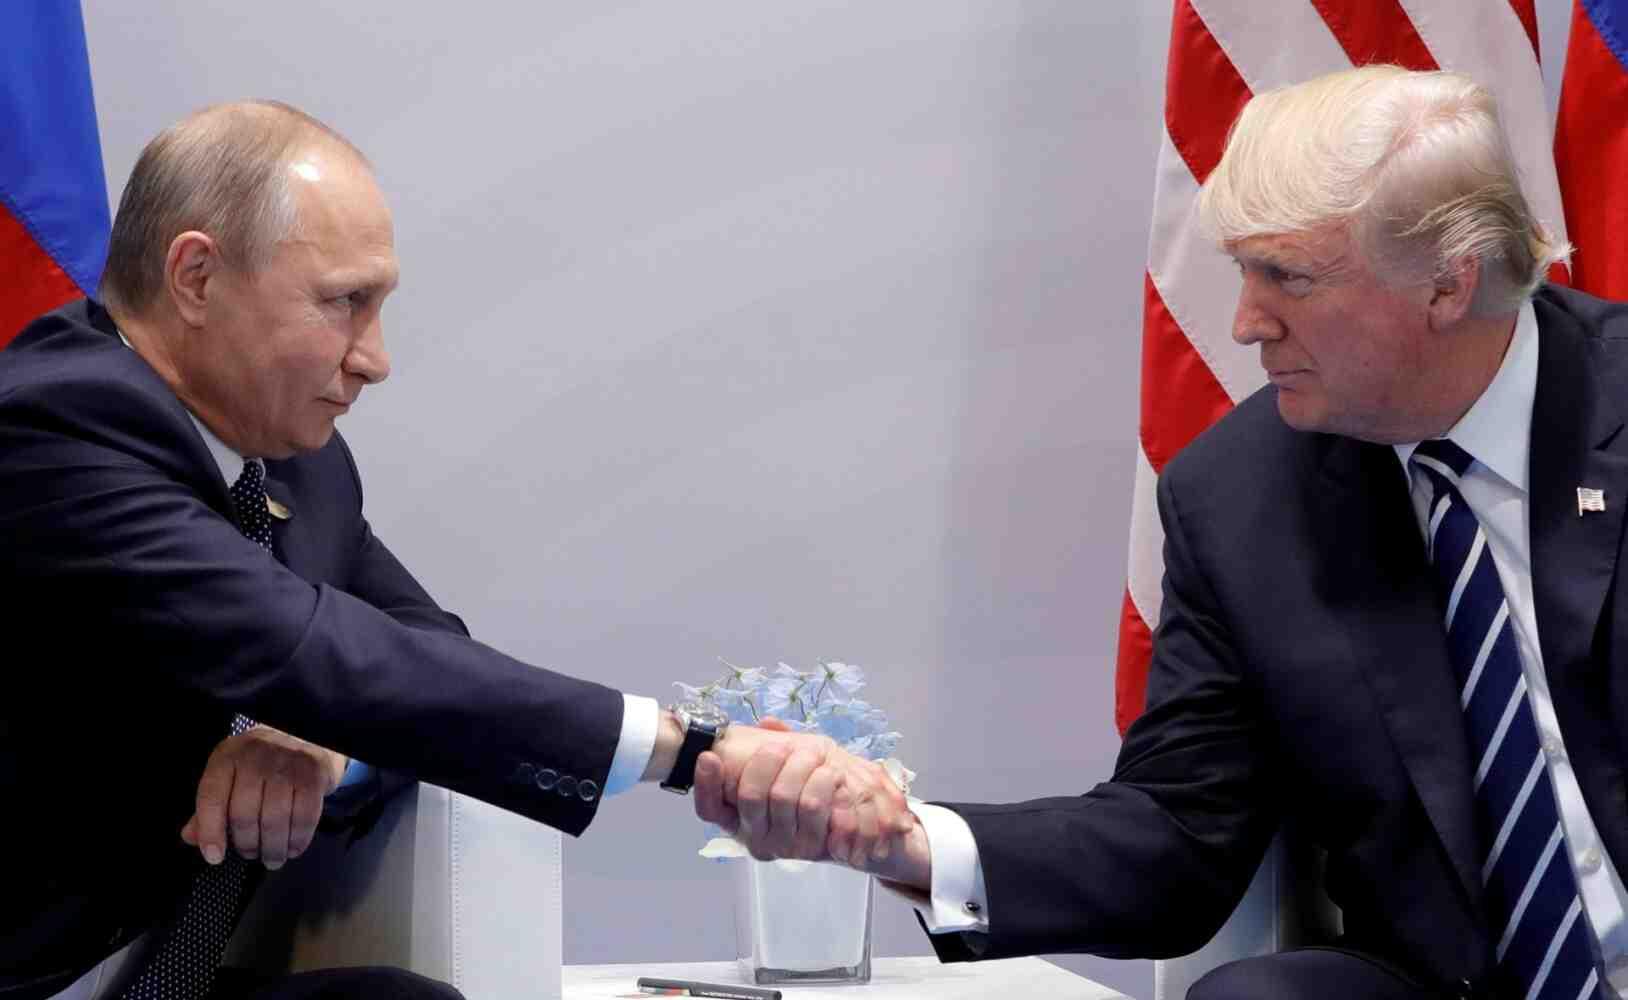 СМИ: При срещата на Путин с Тръмп негова съветничка искала да изимитира атака